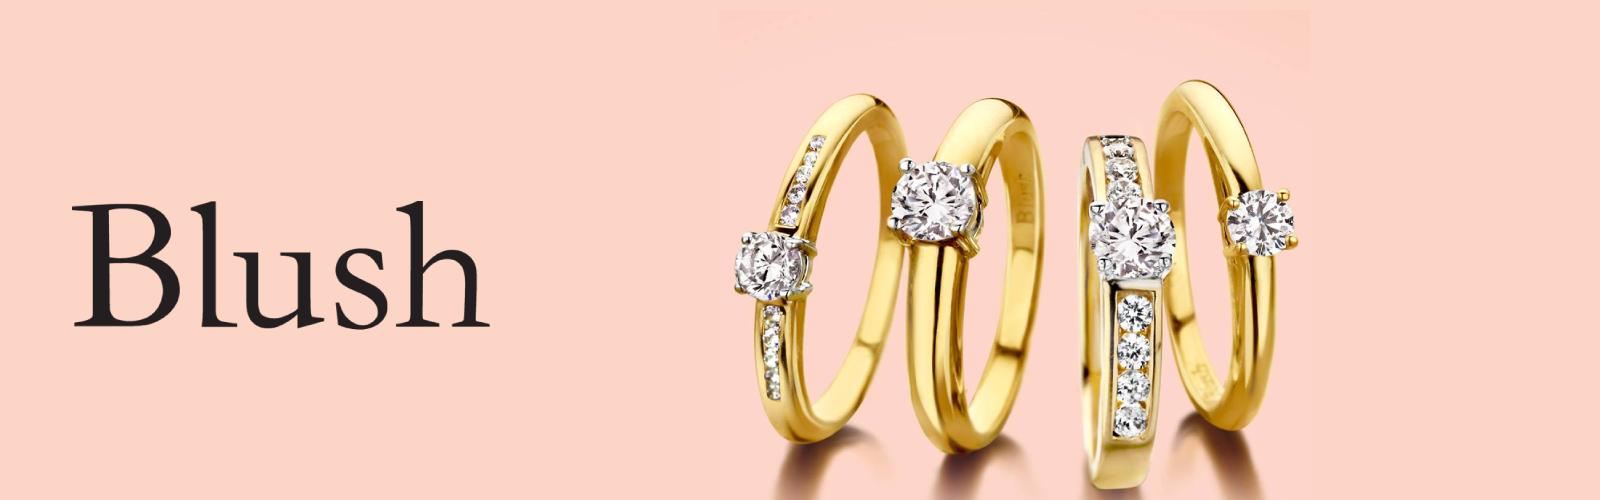 Blush-sieraden-witgoud en rosegoud bij-Wolters-Juweliers-Coevorden-Emmen